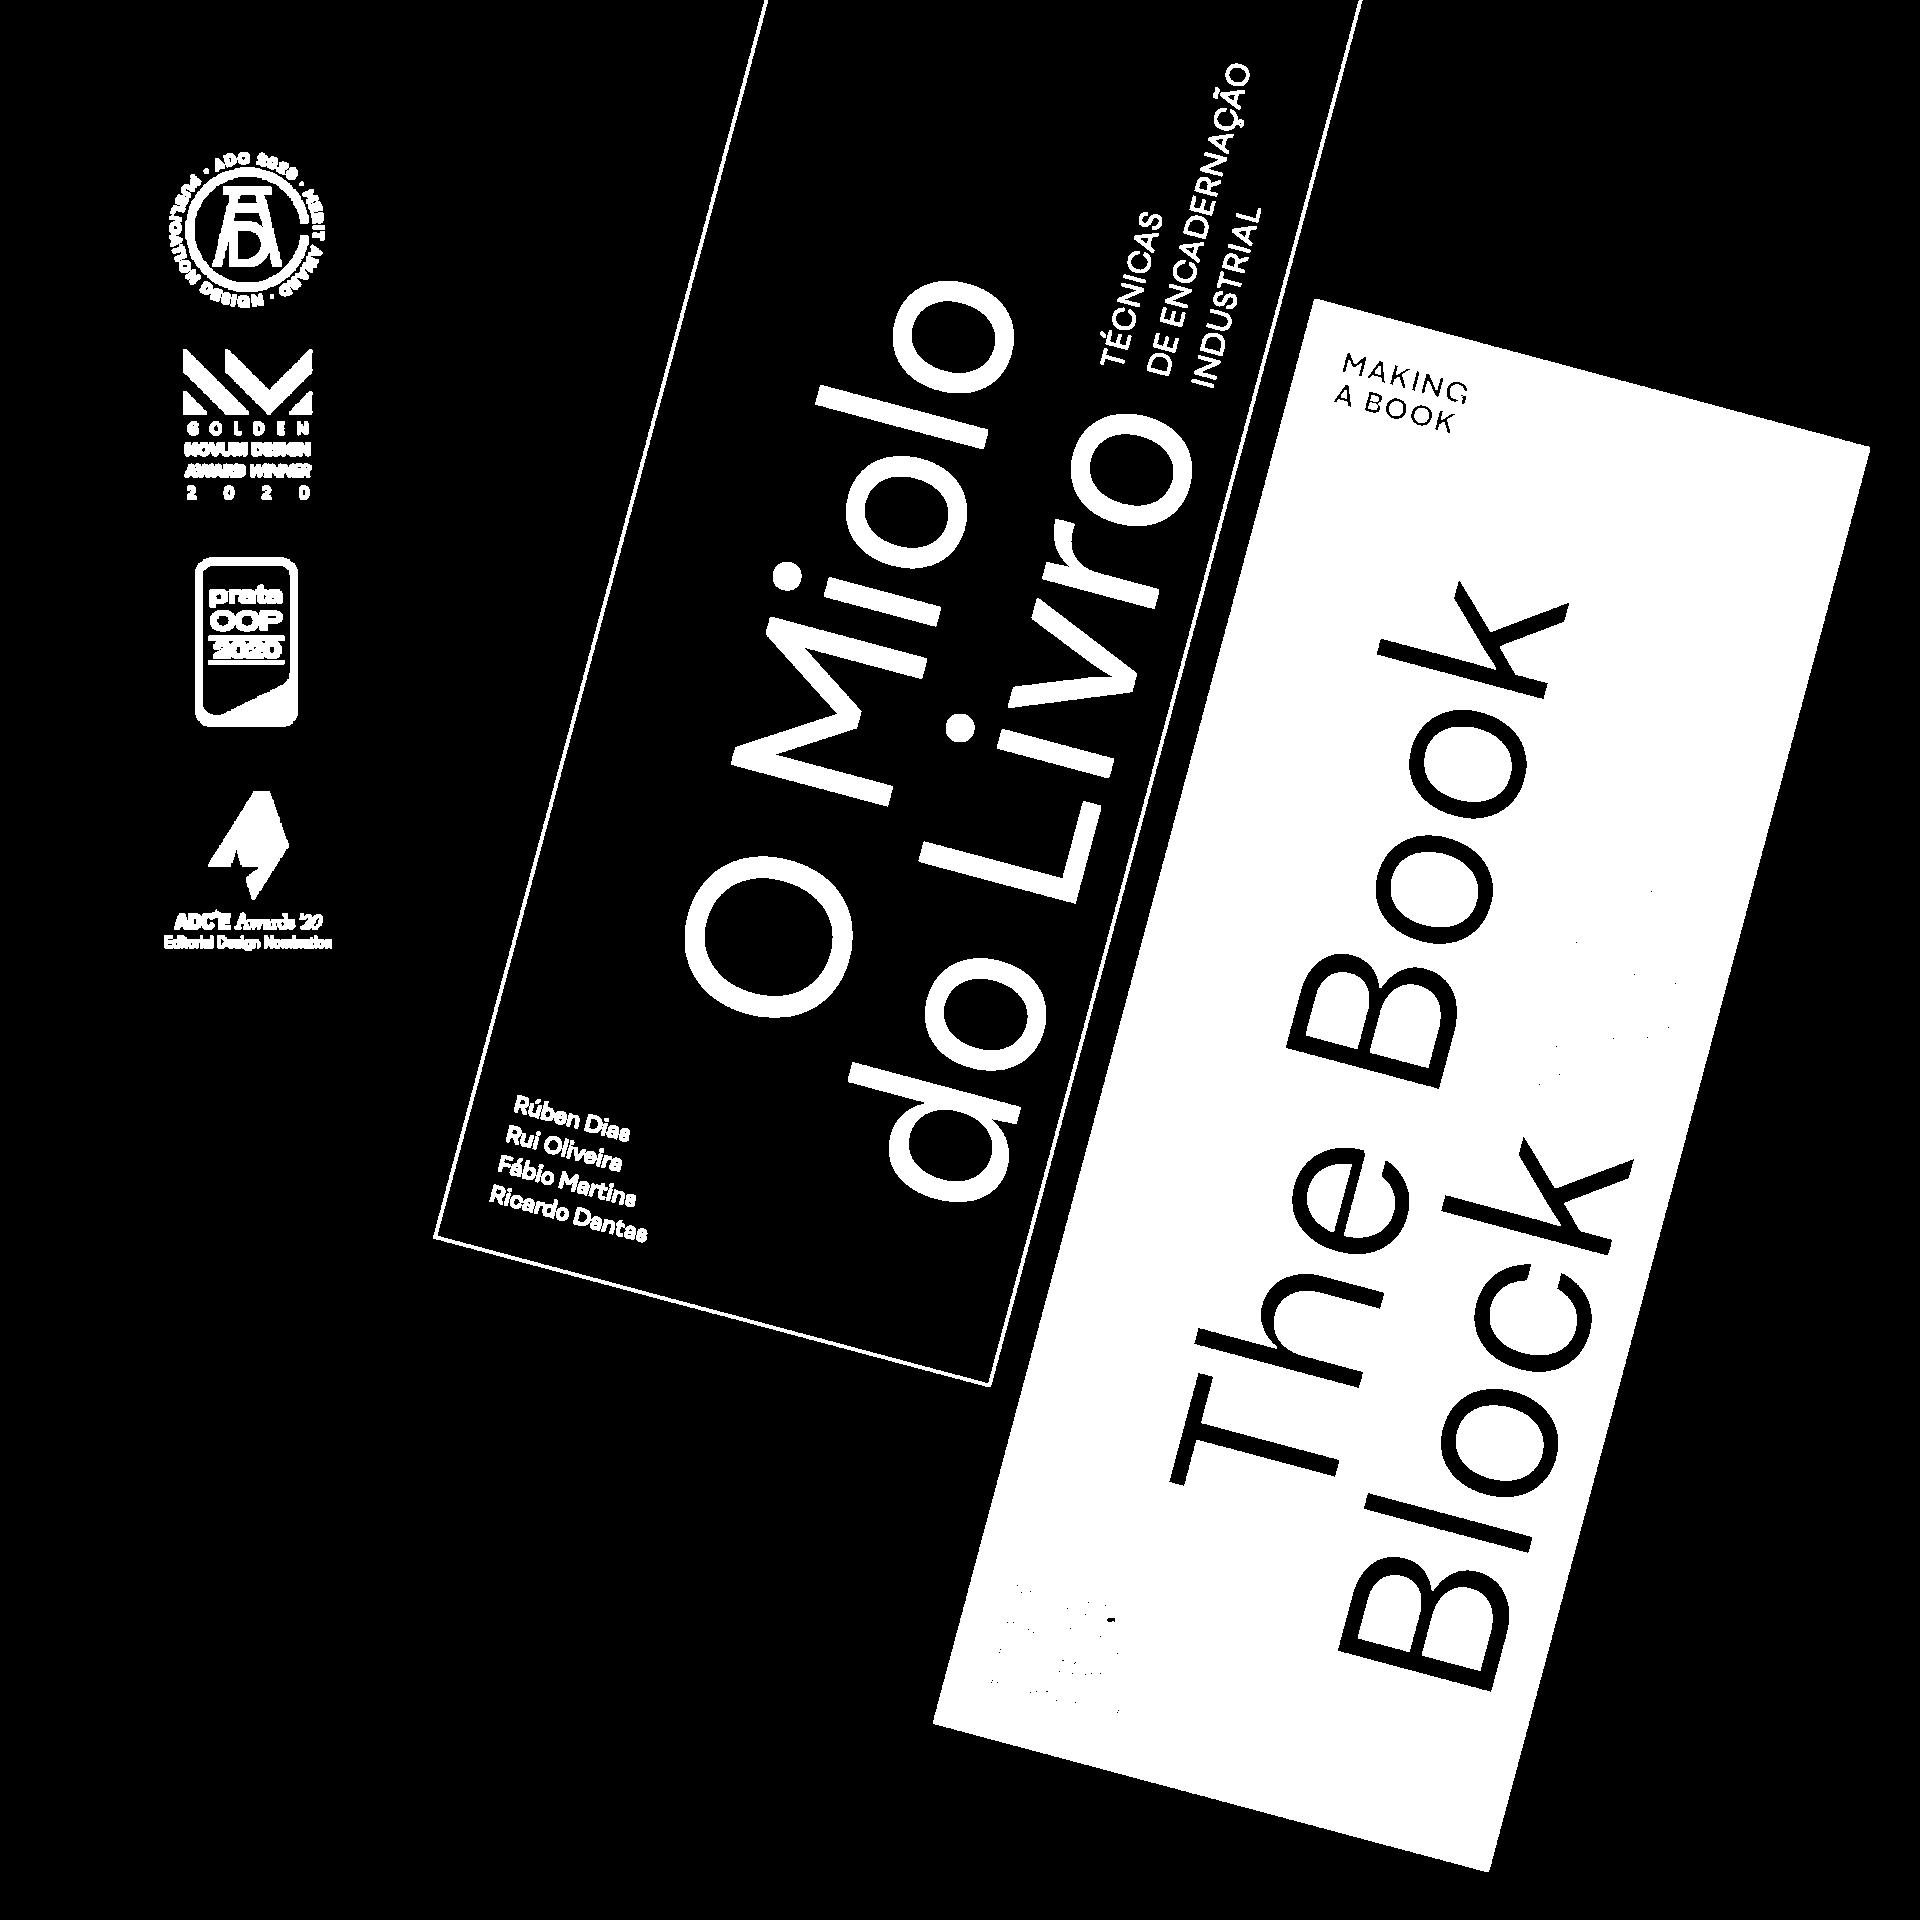 Book Block awards